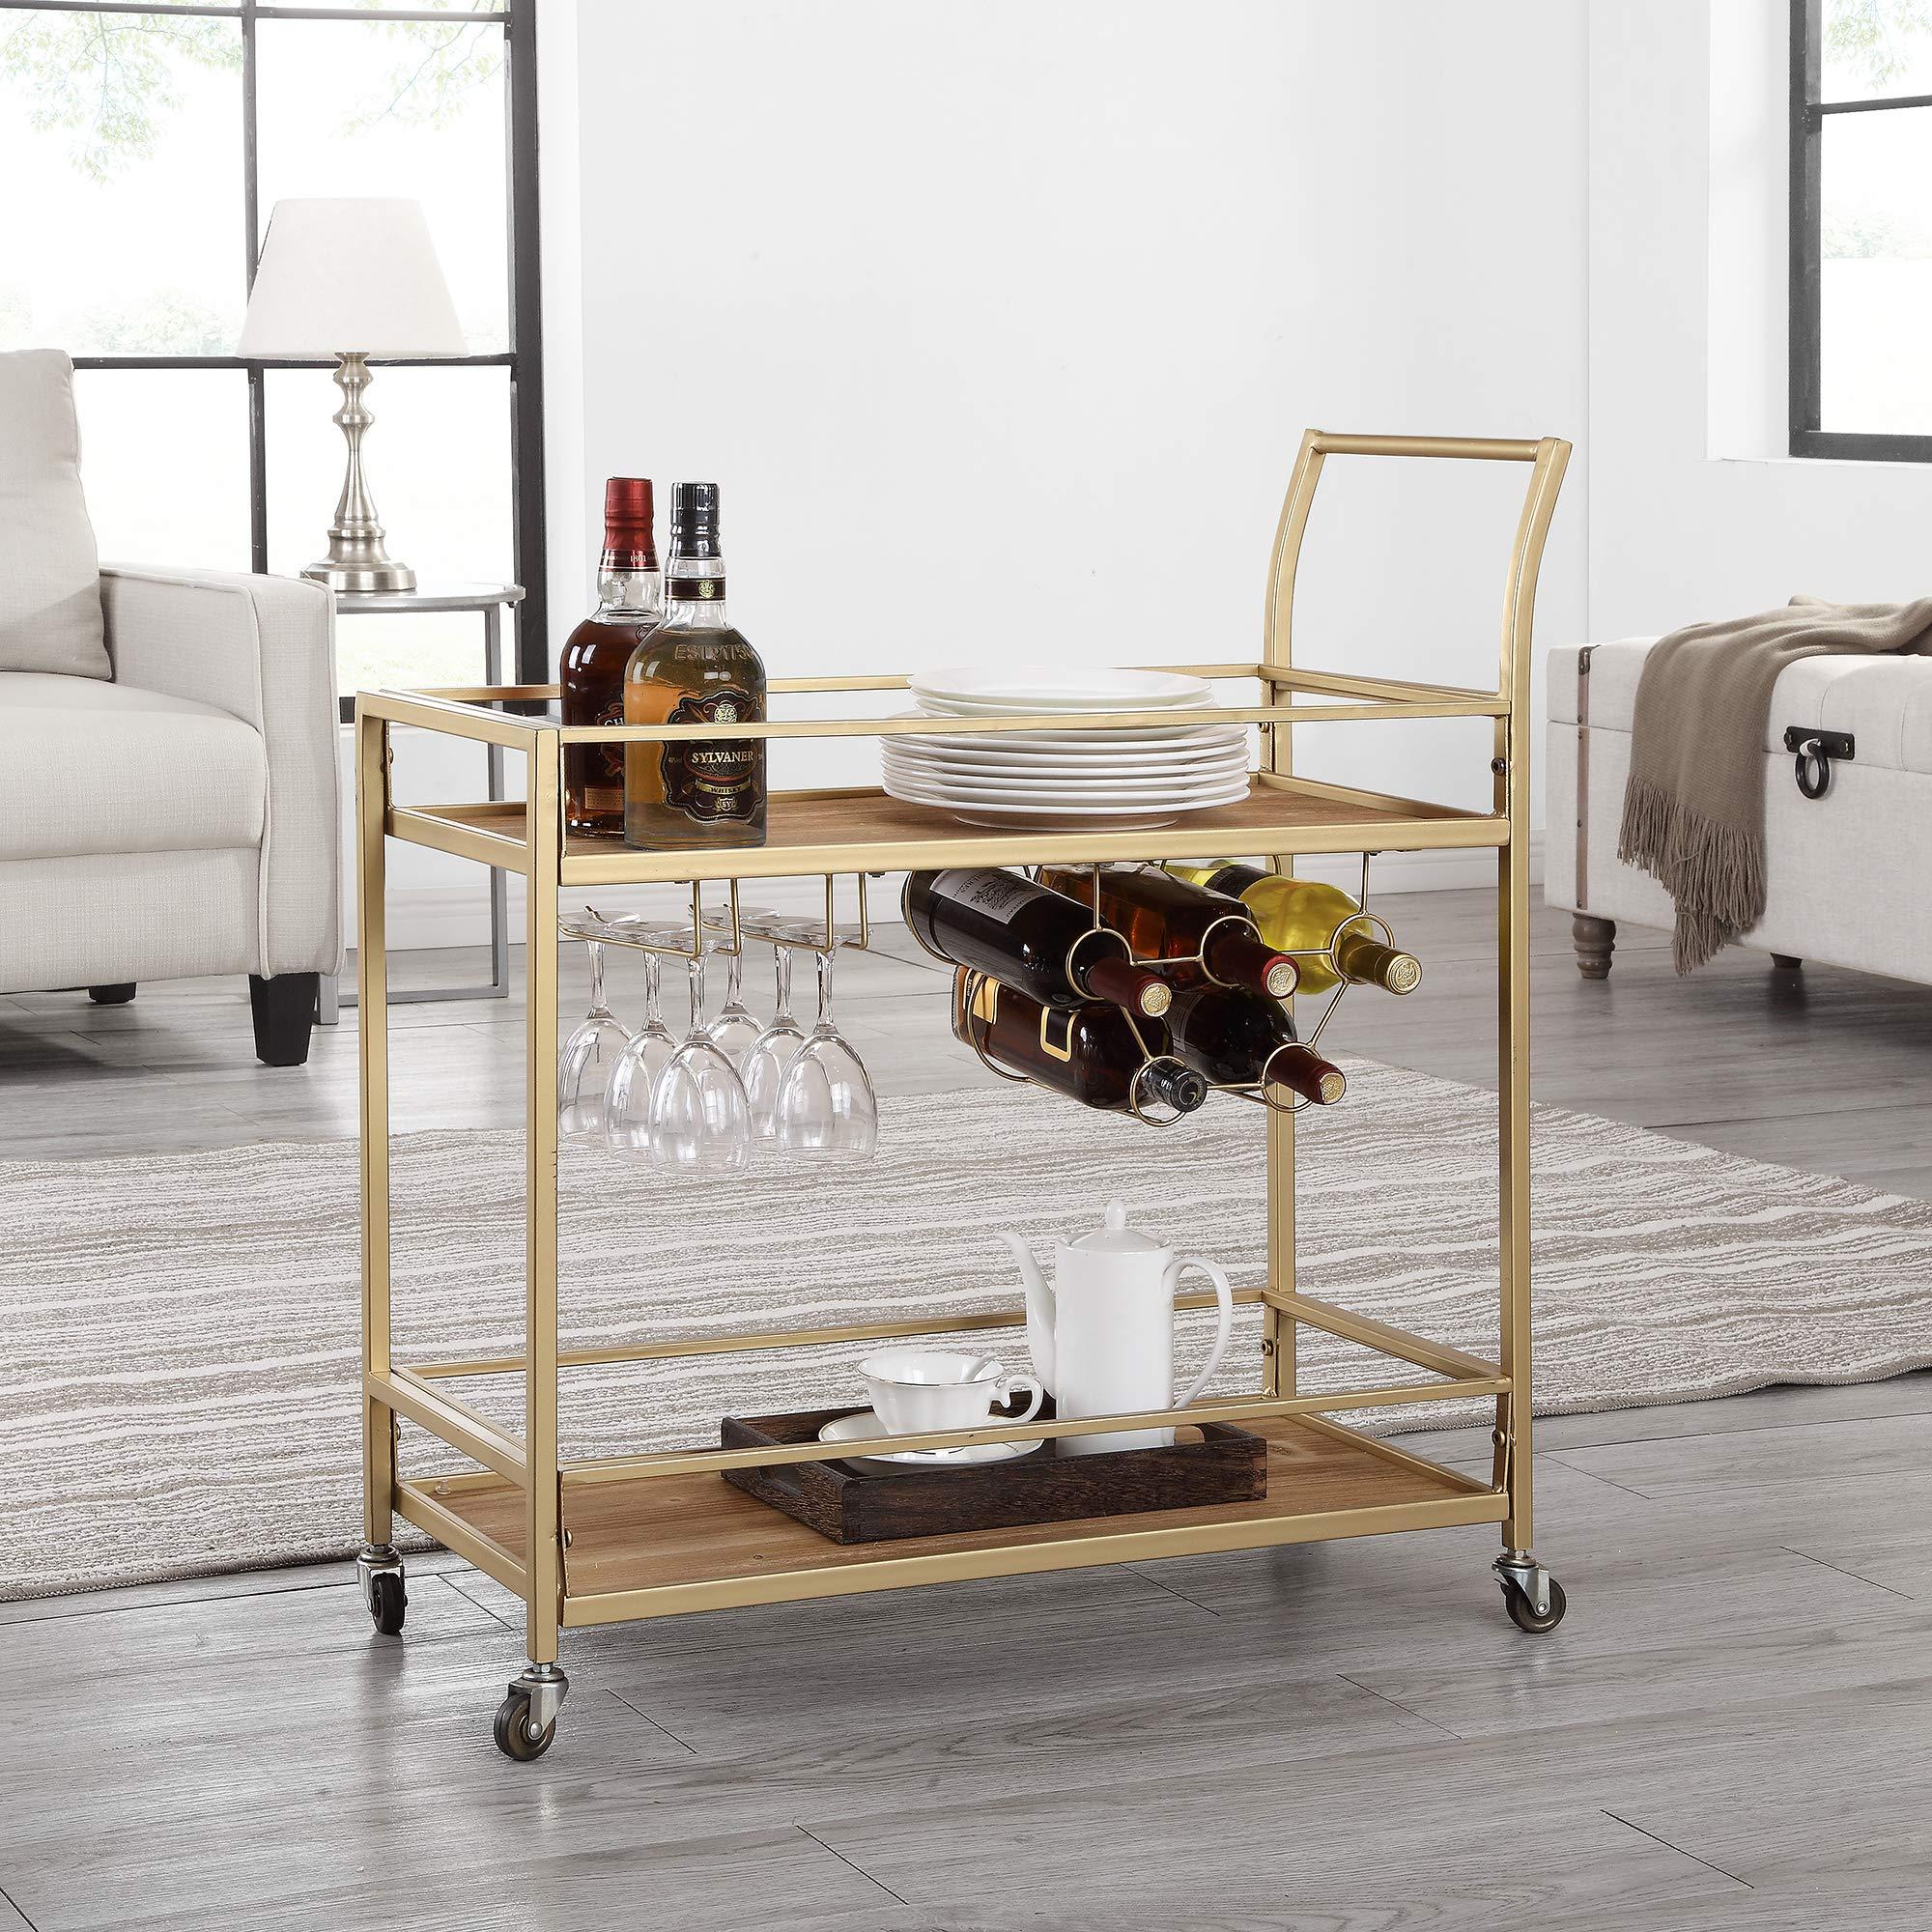 FirsTime & Co. 70095 Francesca Bar Cart, 32'' H x 15'' W x 12.25'' D, Gold by FirsTime & Co.